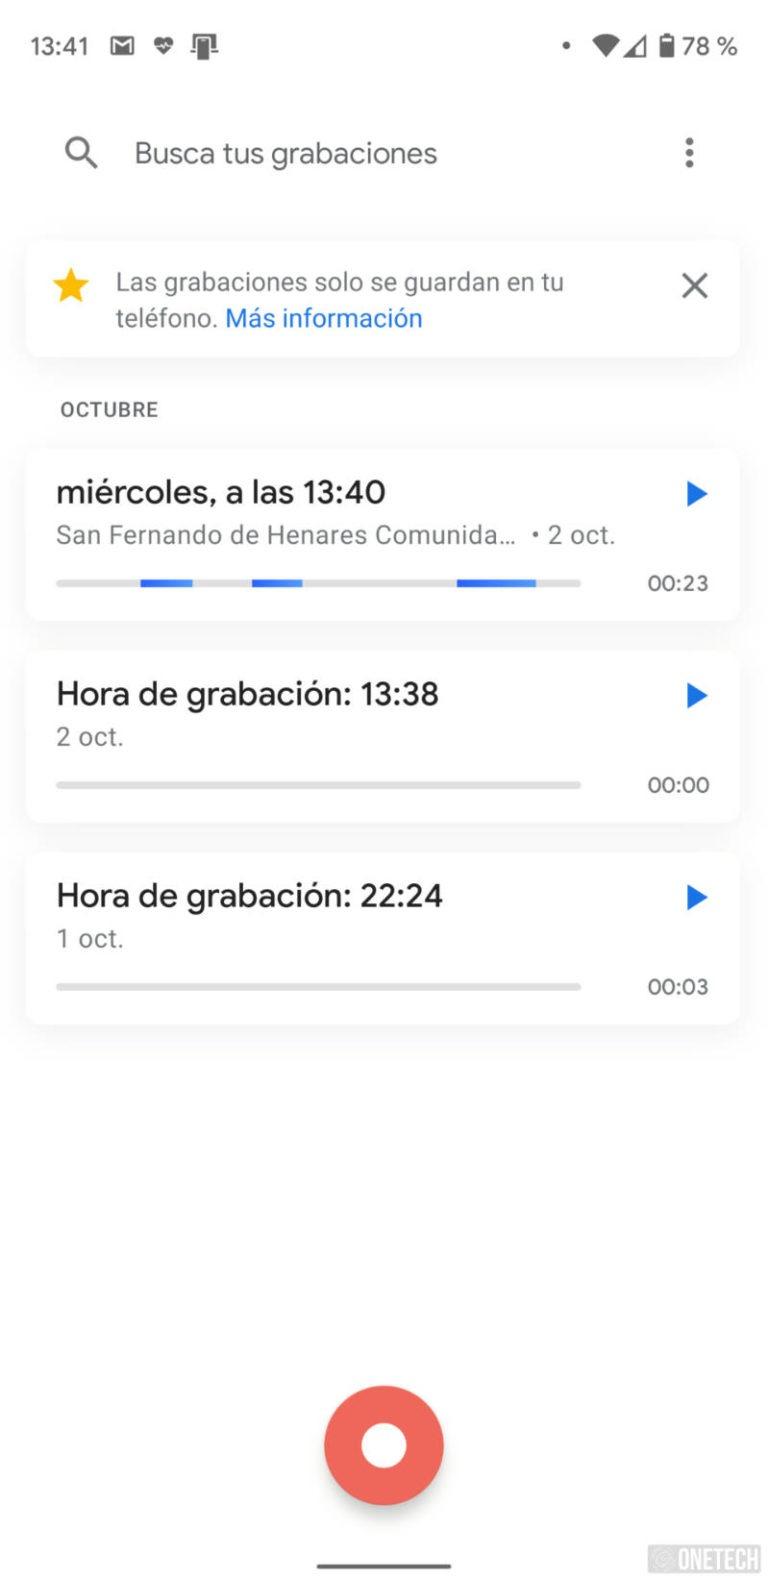 Grabadora de Google ahora cuenta con transcripción y detección de ubicación 4